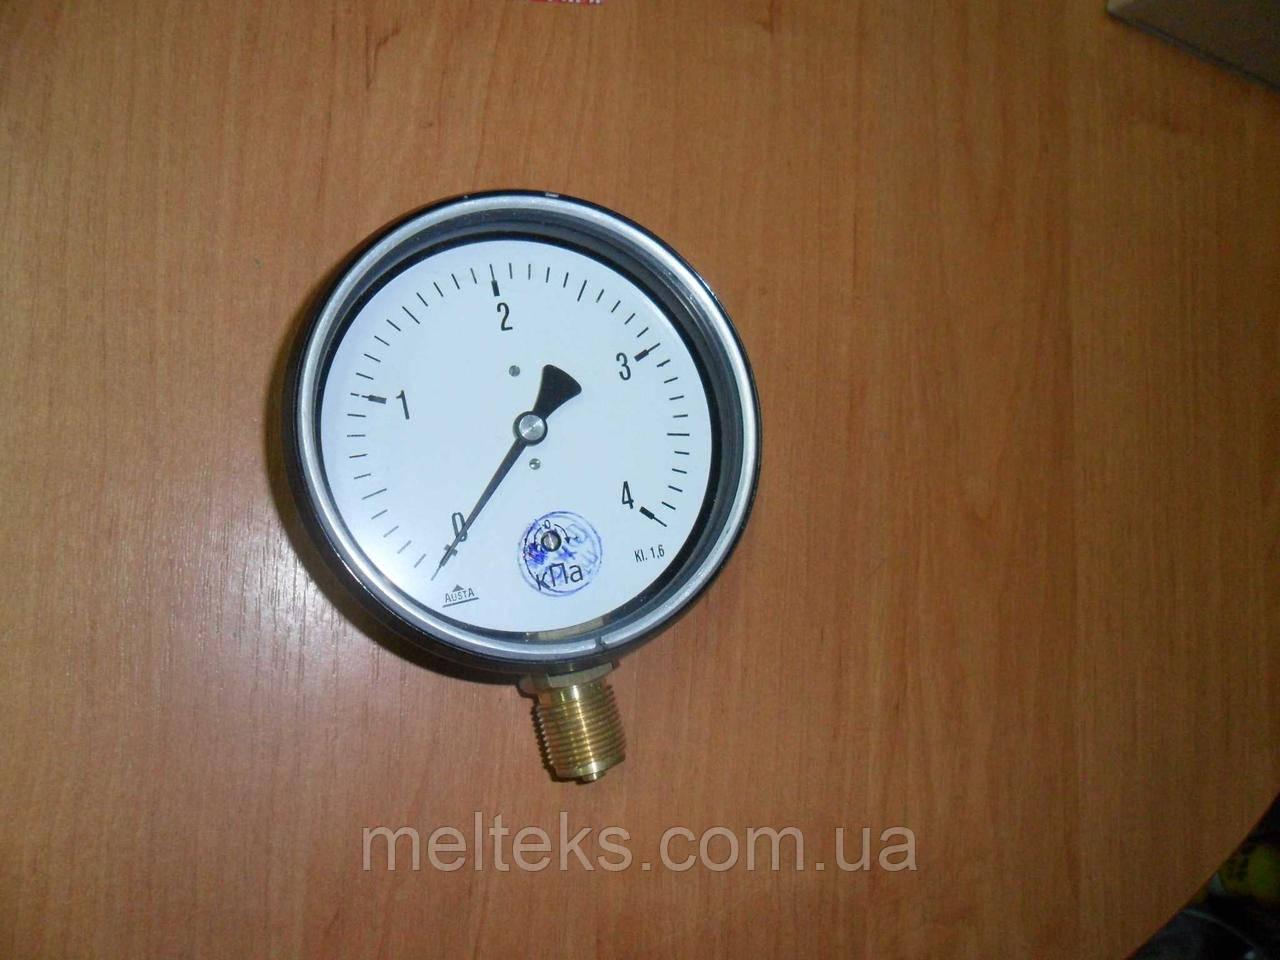 Напоромер манометр низкого давления 11МТ100 Болгария